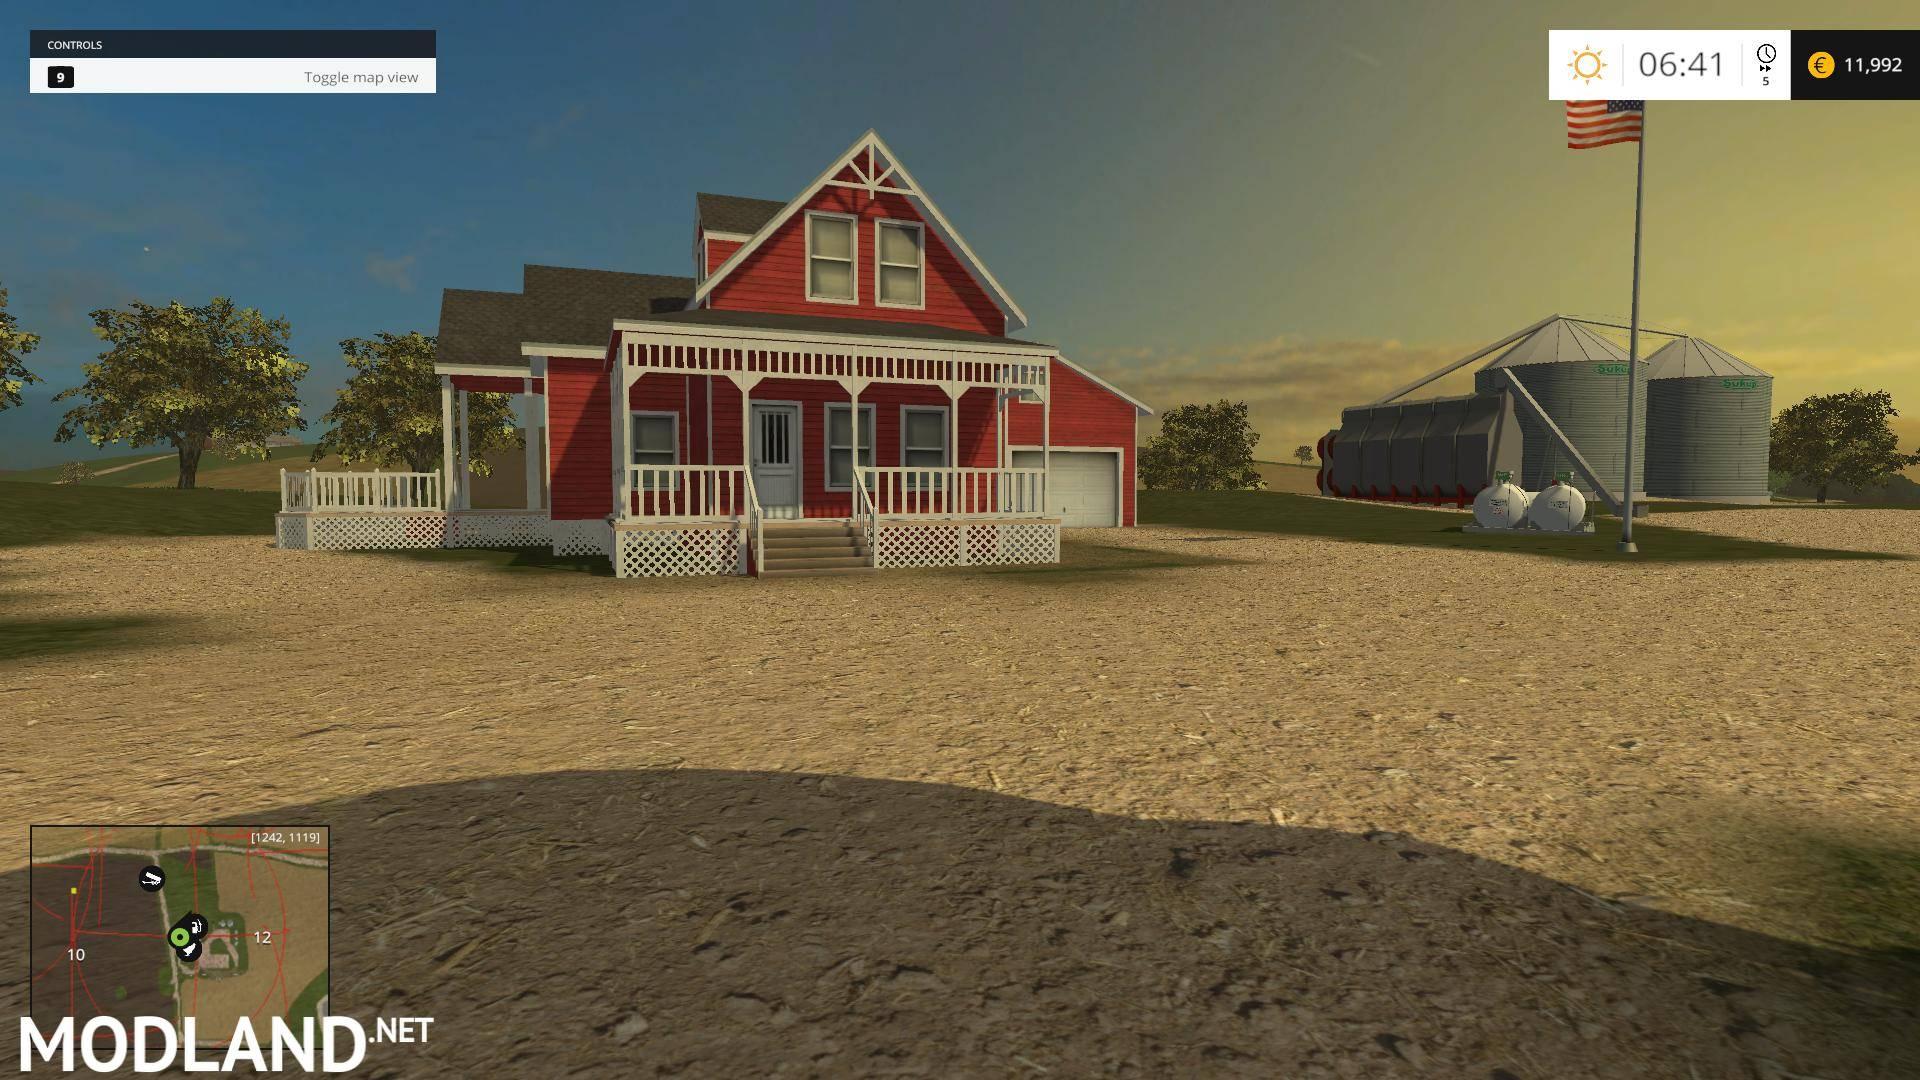 Ne Iowa Map 15 v 1 0 mod for Farming Simulator 2015 / 15